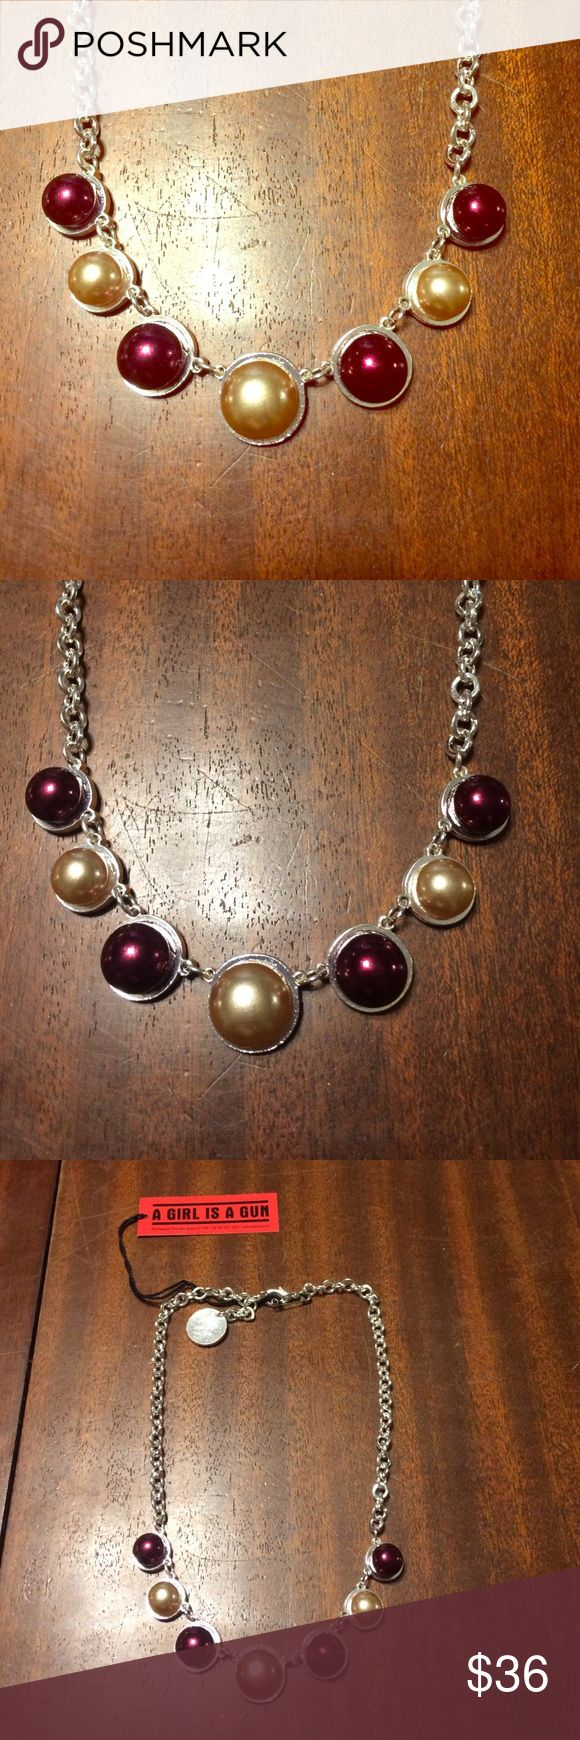 Eldorado Club Bordeaux Pearl necklace! BNWT! Eldorado Club brand vintage inspired Bordeaux Pearl necklace. Vintage Jewelry Necklaces